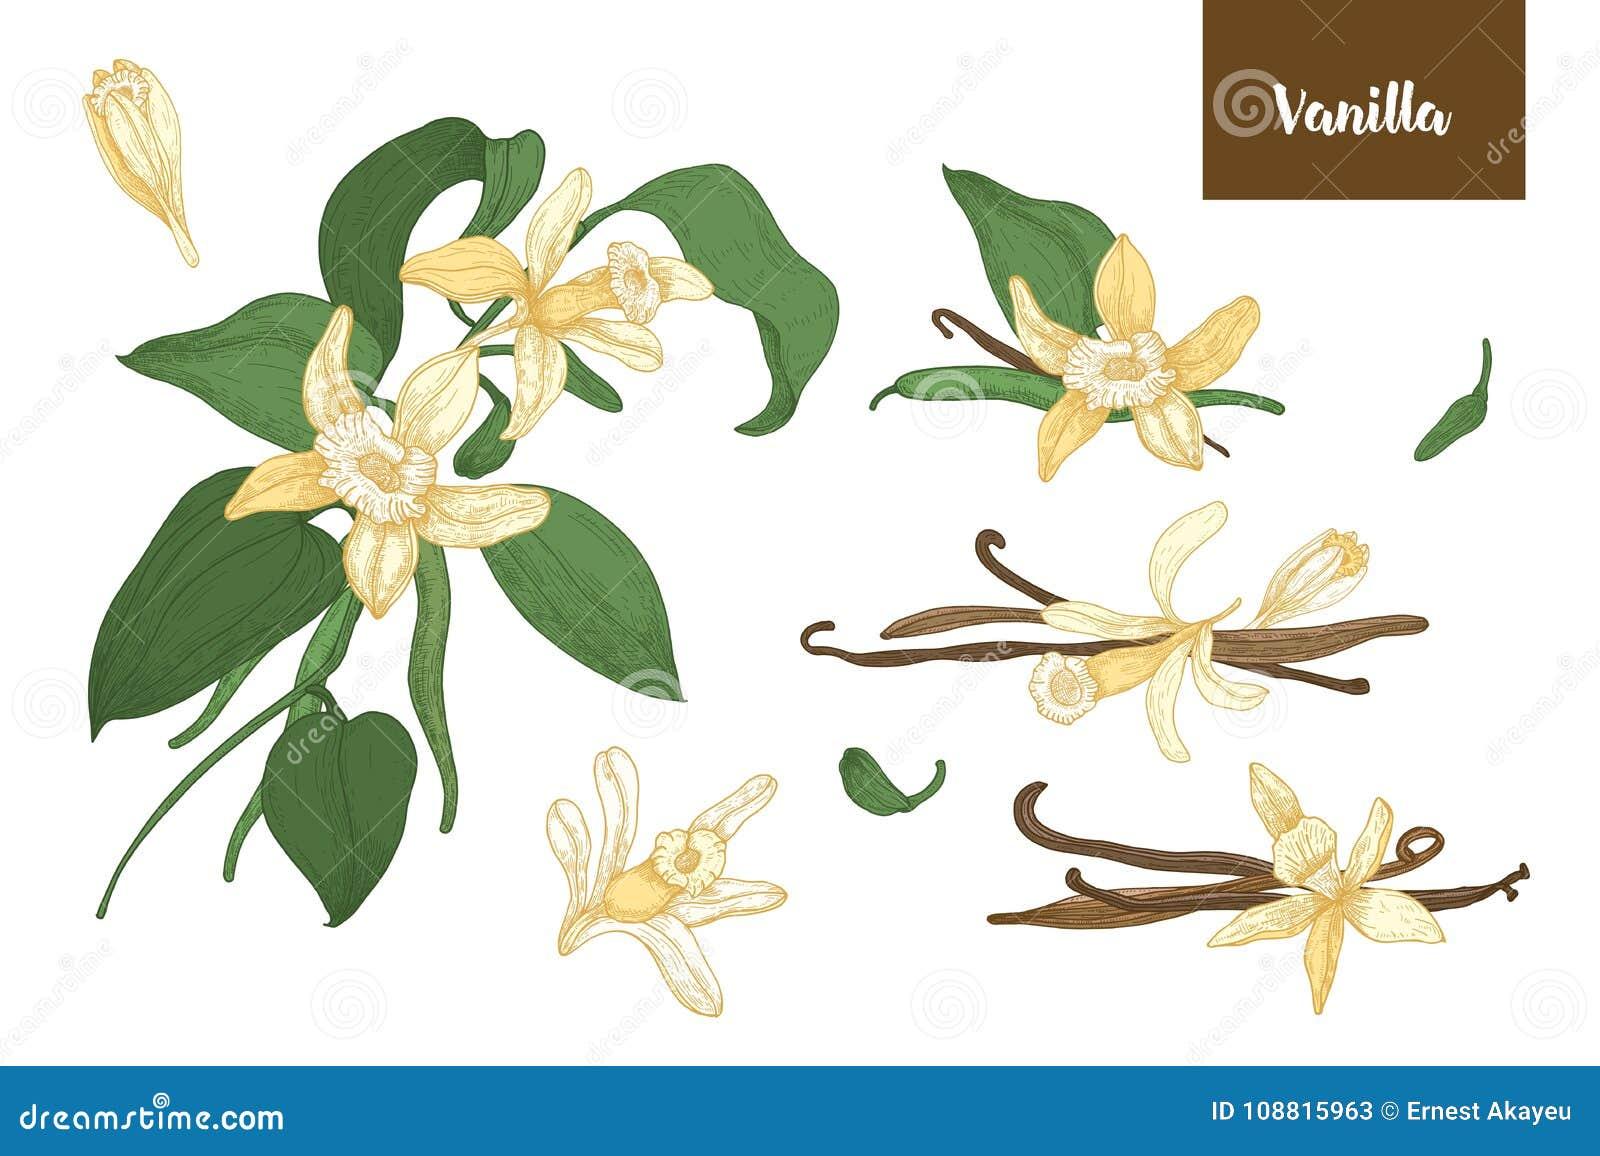 Colección De Dibujos Botánicos De Las Plantas De La Vainilla